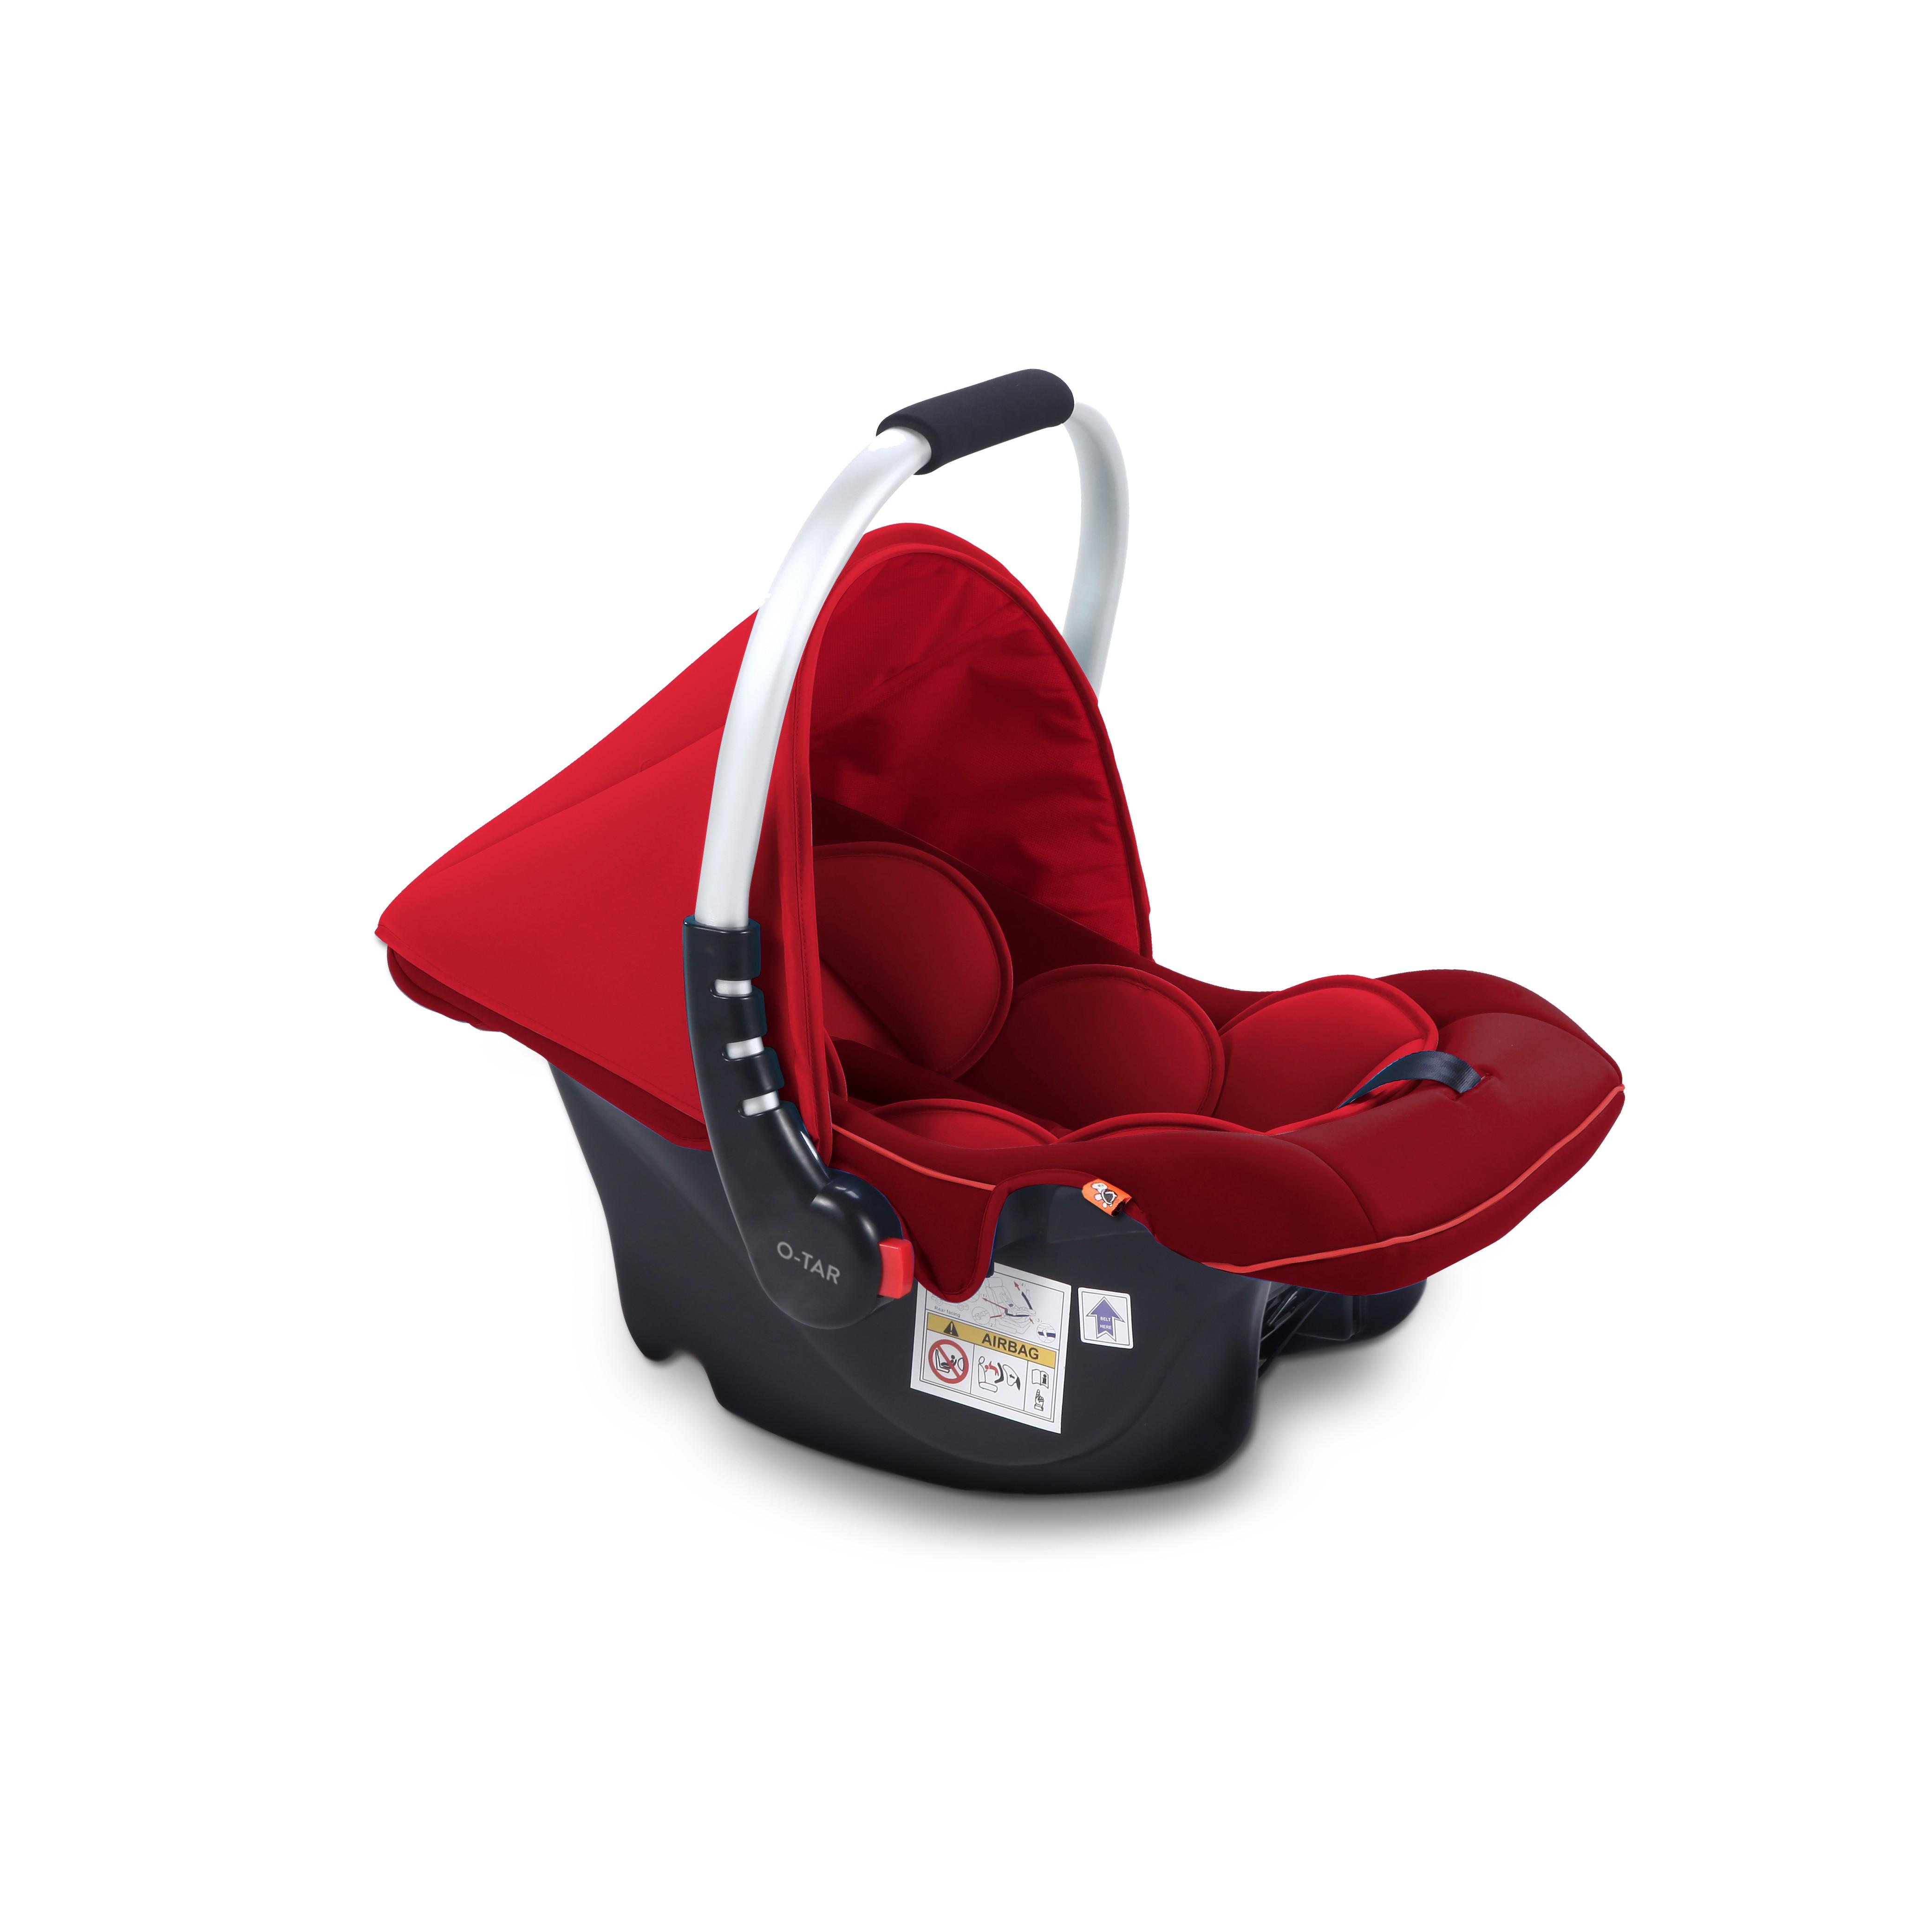 Baby Auto Otar